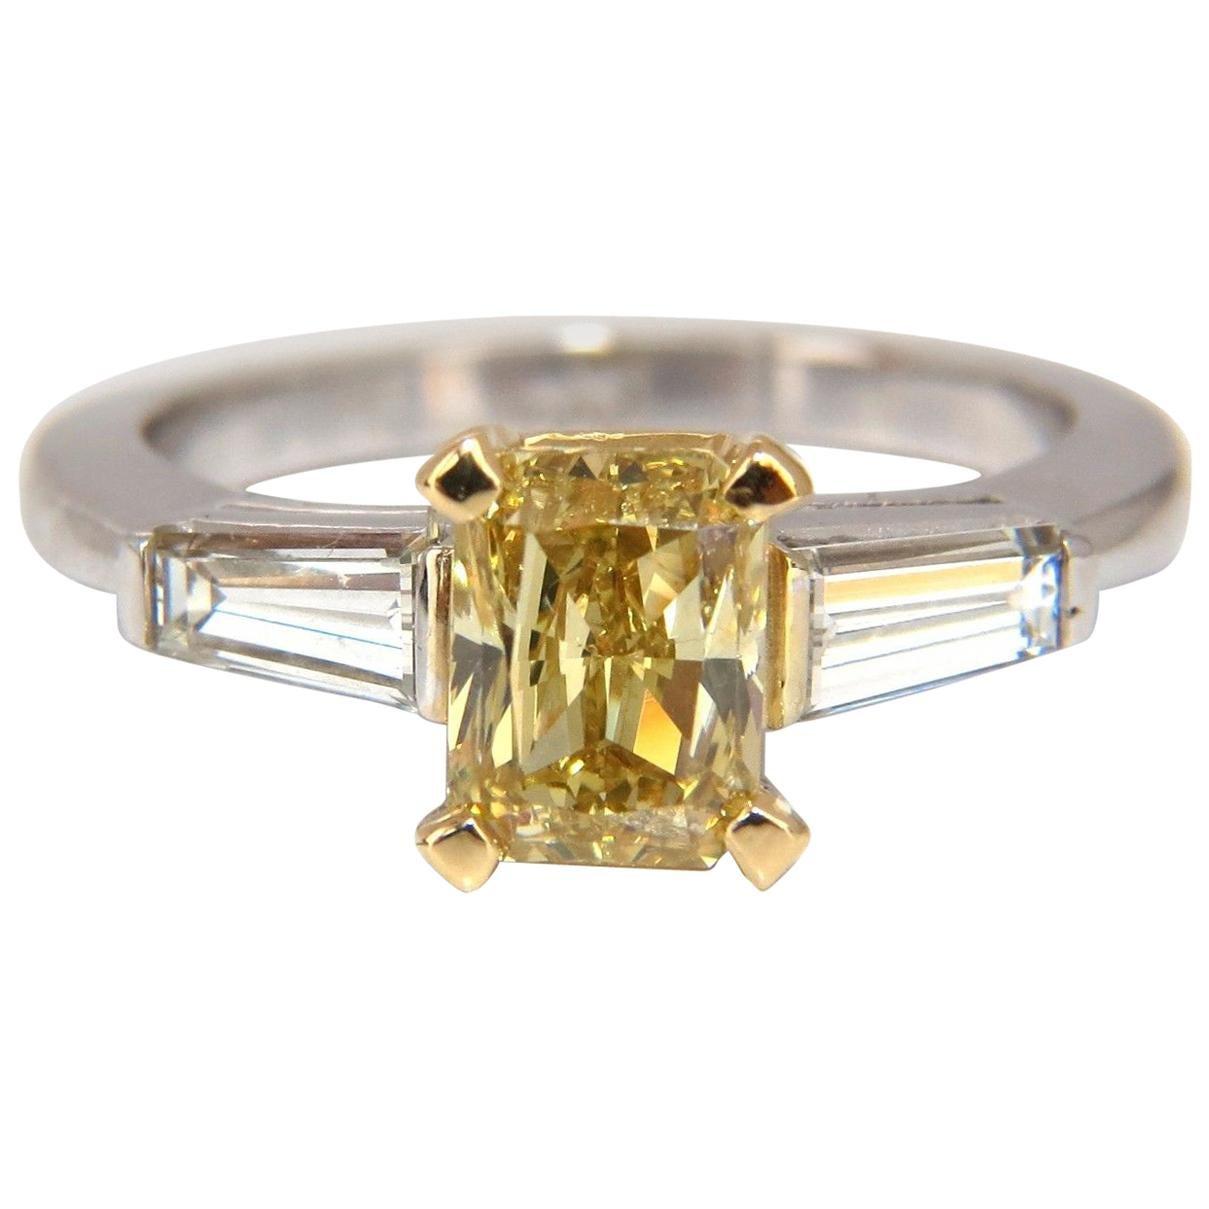 GIA Certified 2.12 Carat Fancy Yellow Radiant Cut Diamond Ring 14 Karat